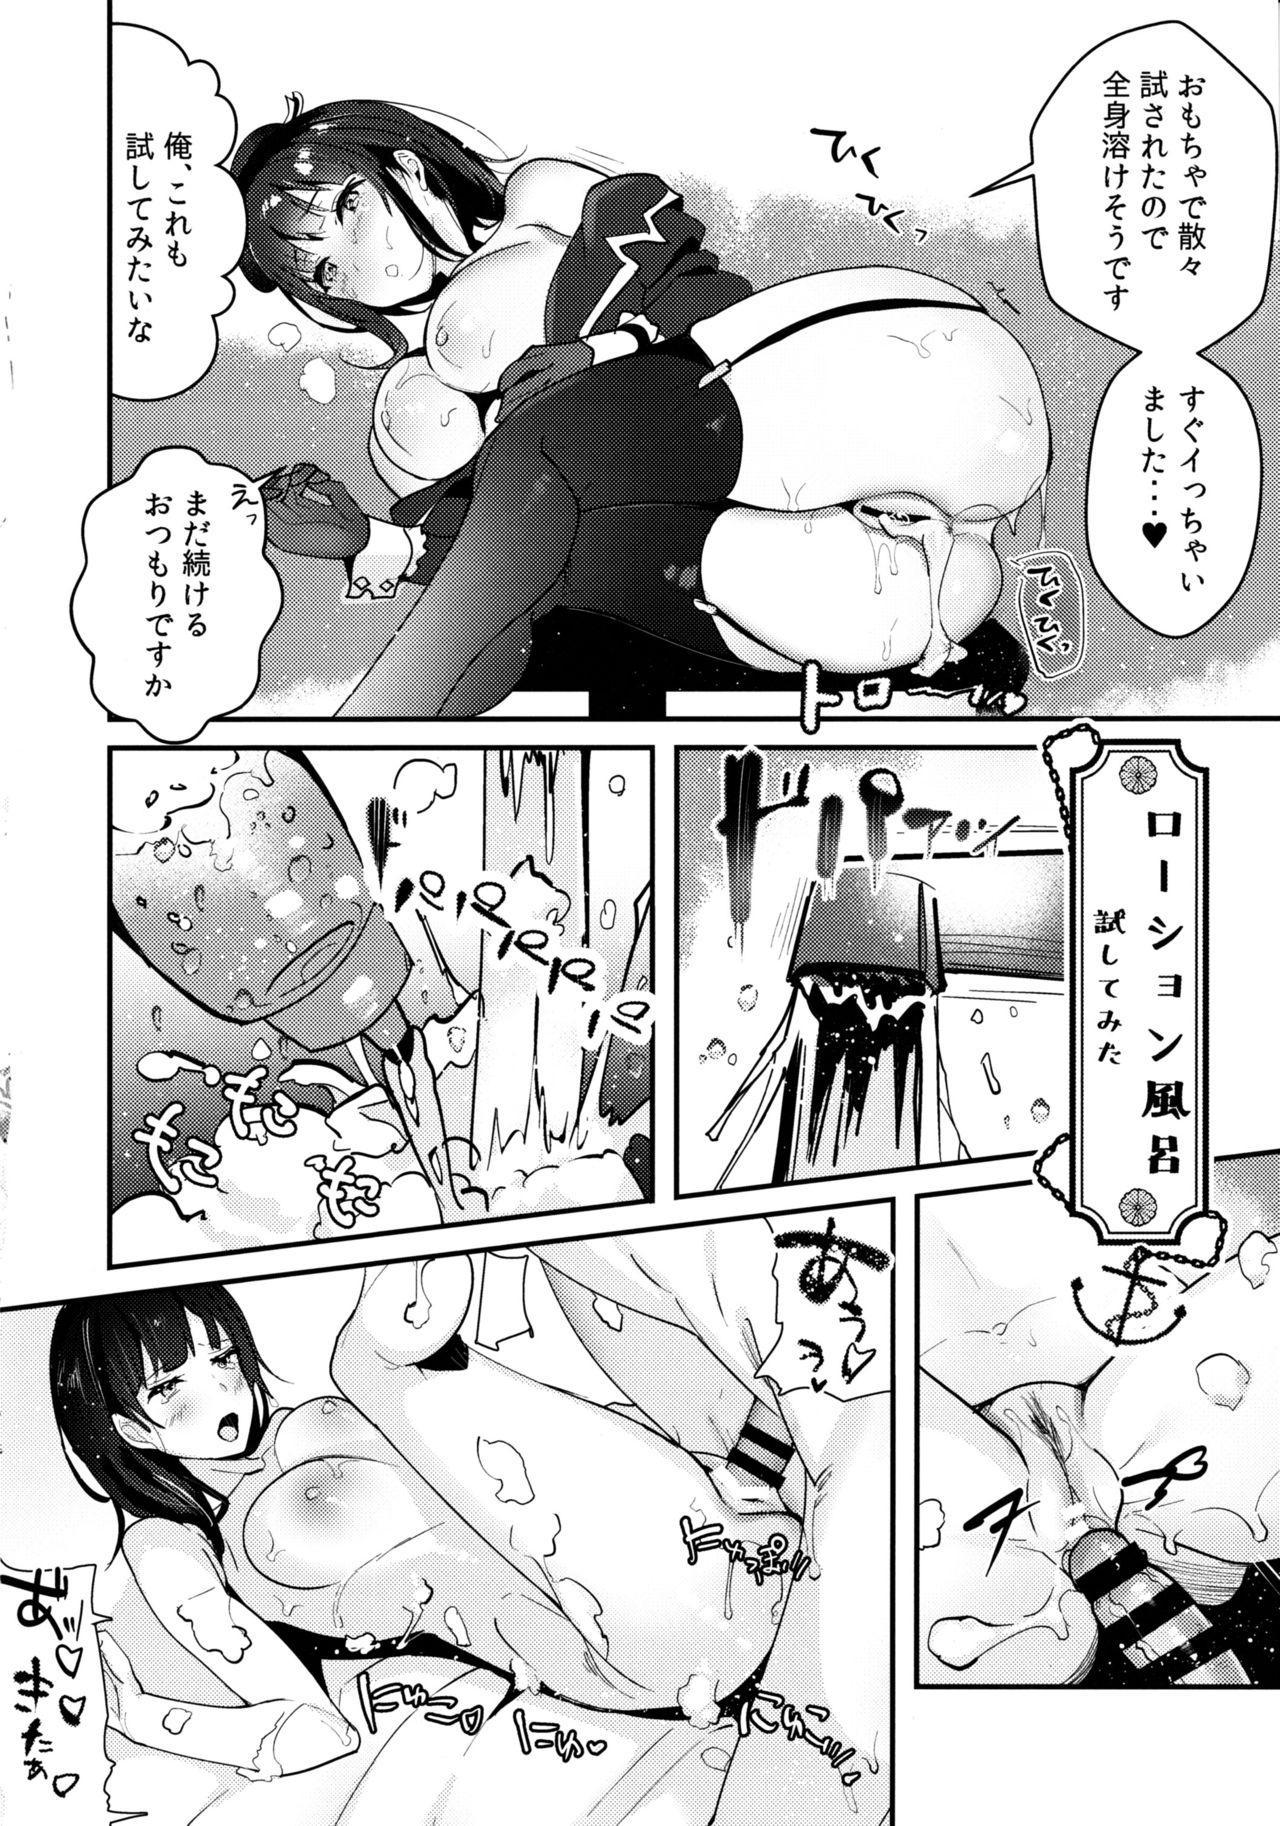 Binkan Takao Omocha Review Shite Miru? 16